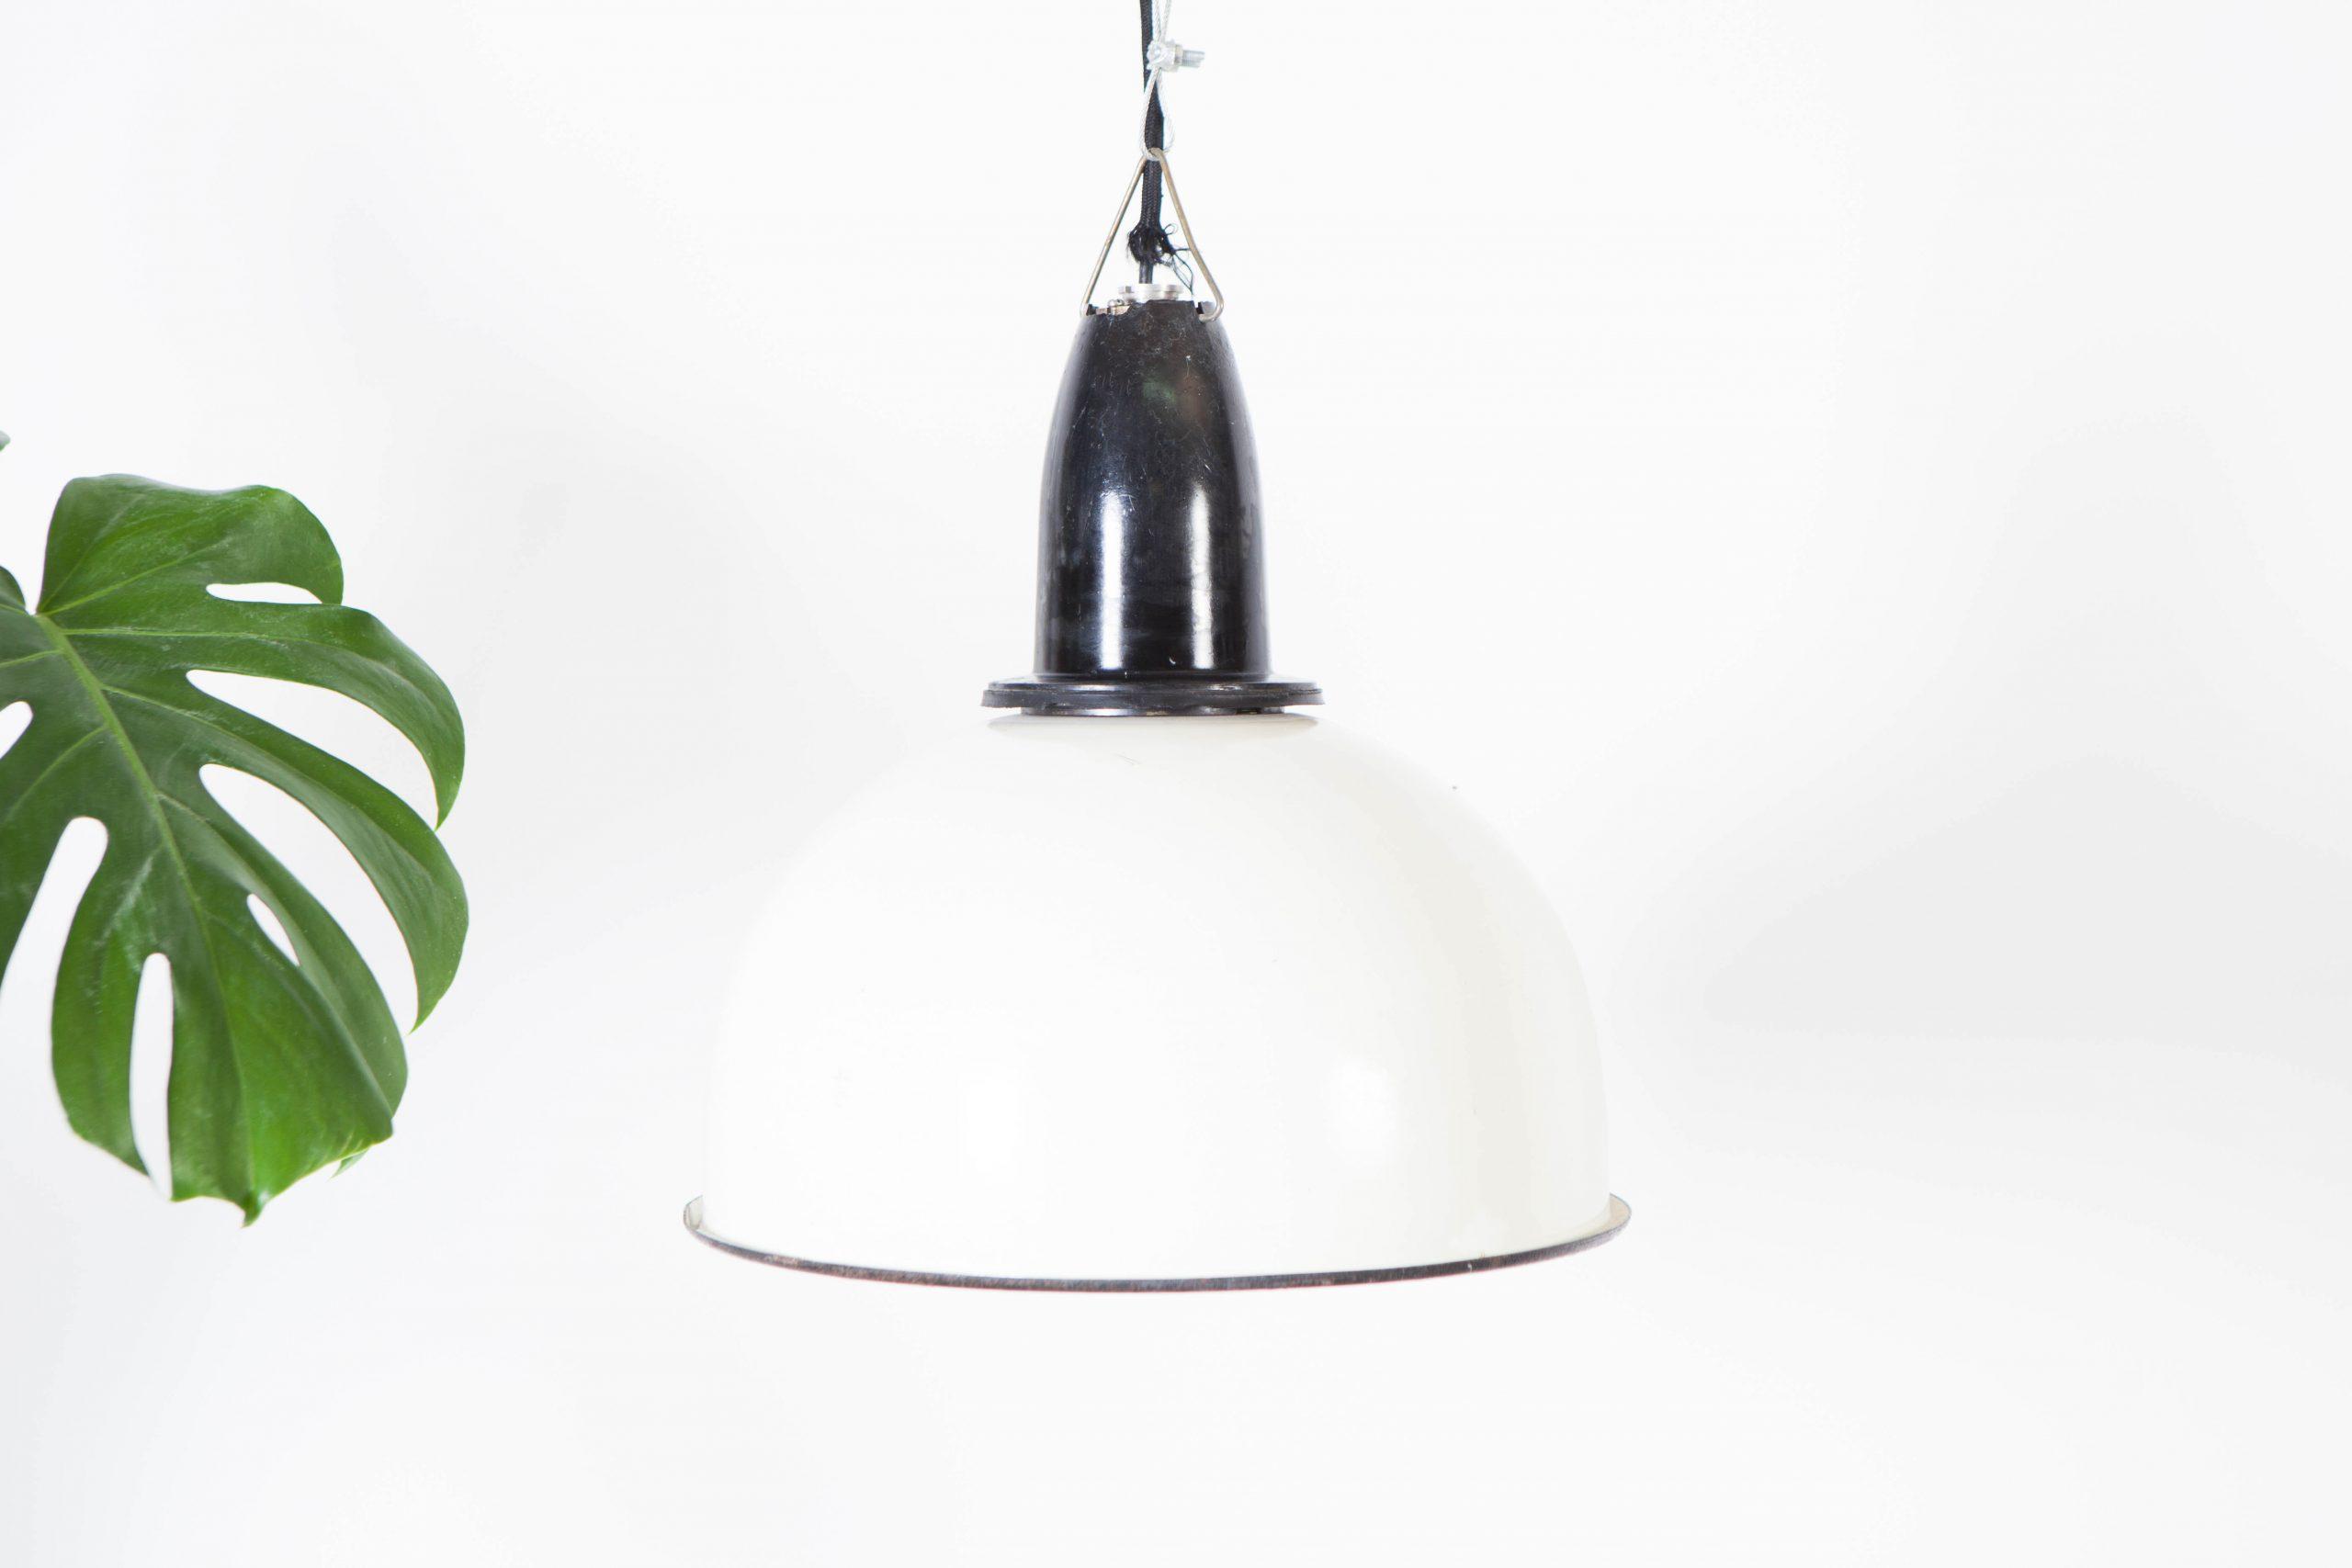 lampara de techo blanca y negra industrial de techo salon cocina